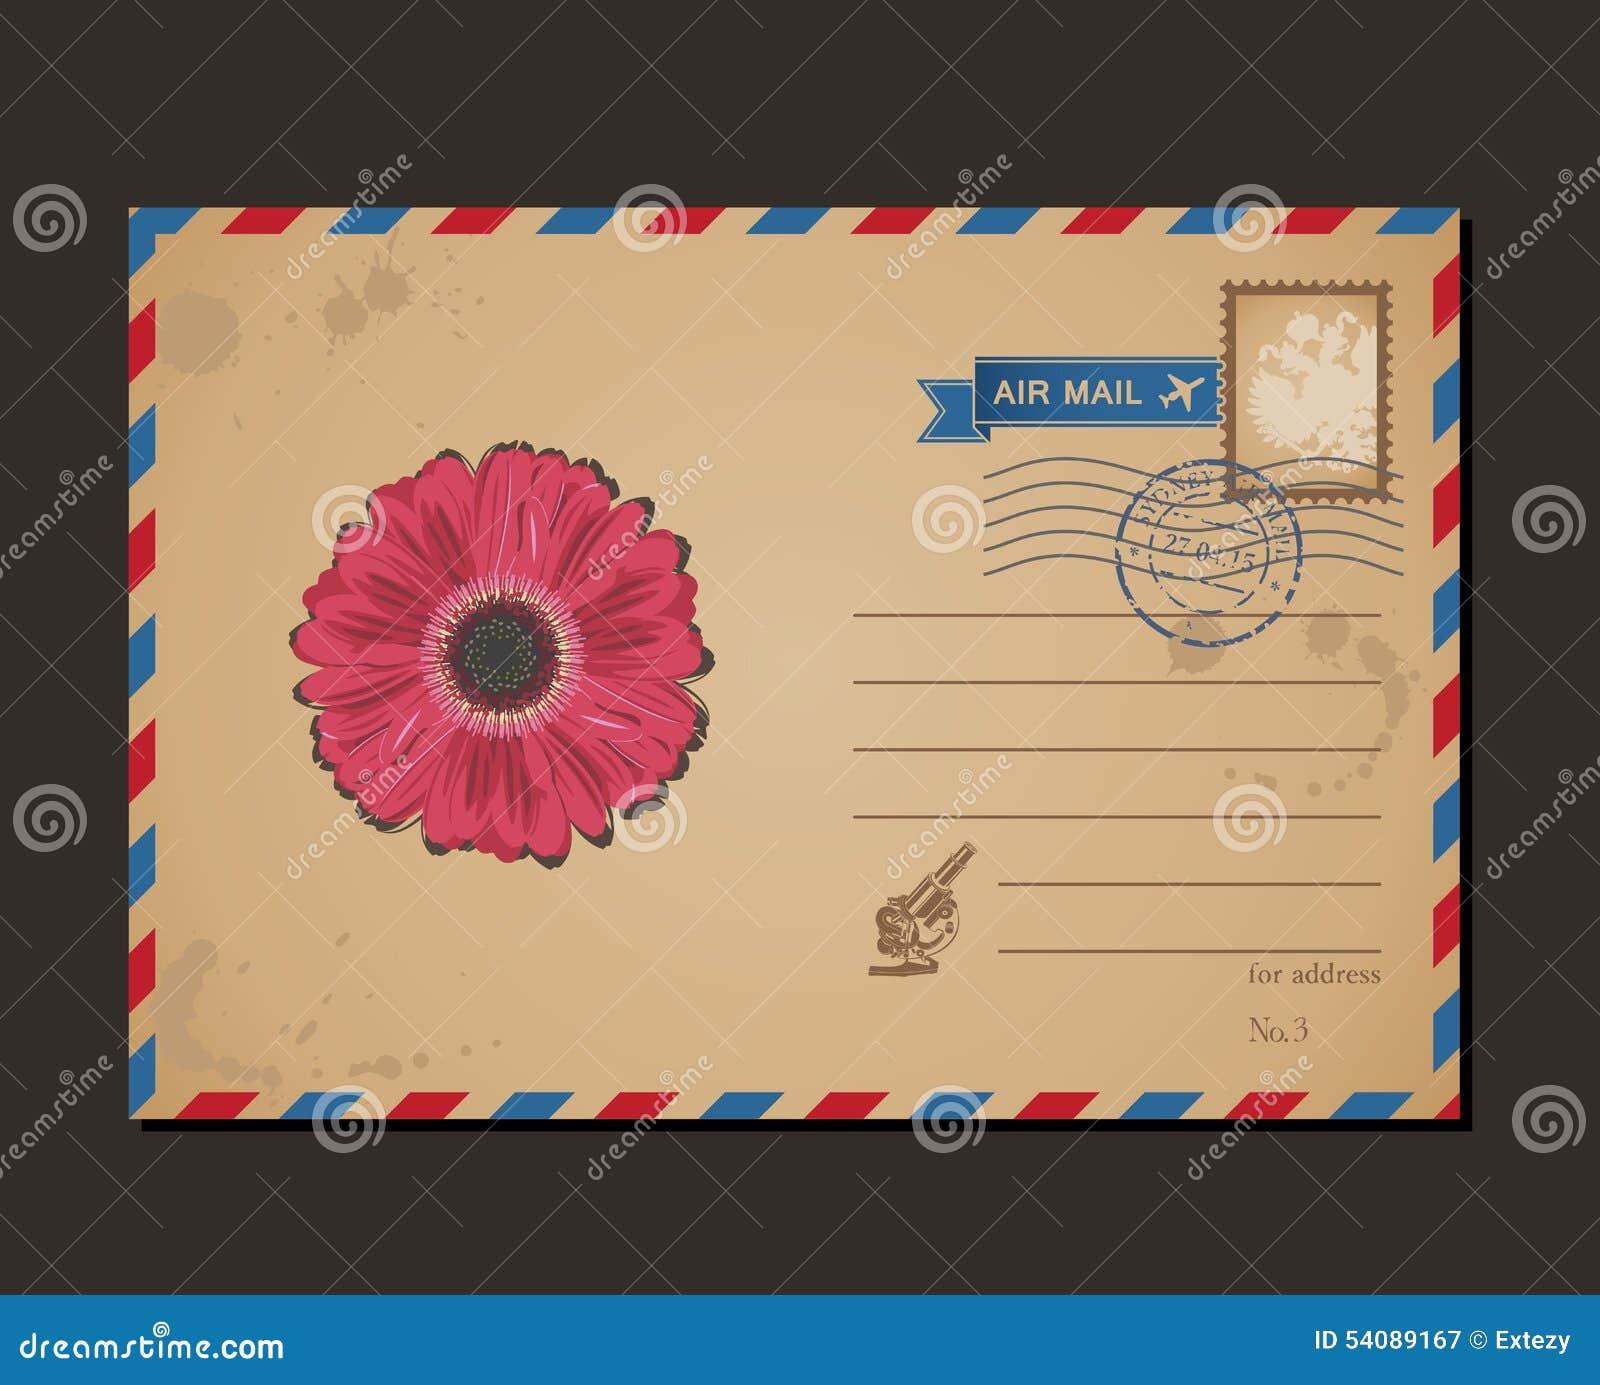 Uitstekende Prentbriefkaar en Postzegels Ontwerpbloem